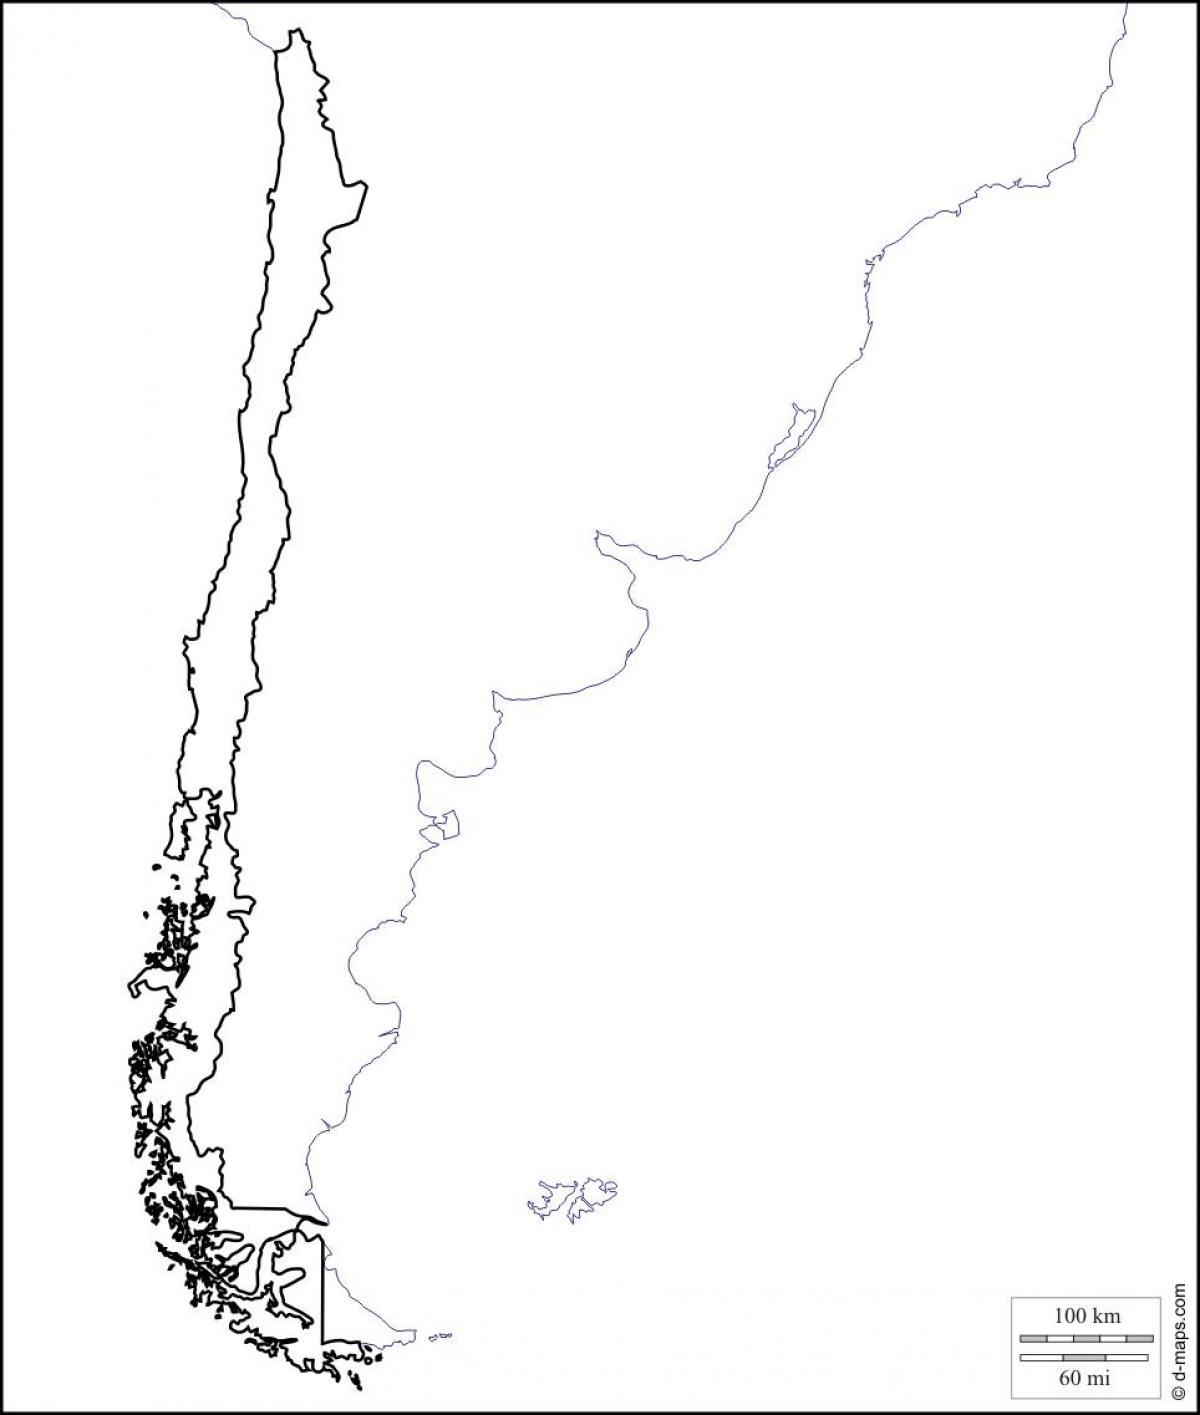 Chili Carte Vierge Vierge Carte Du Chili Amérique Du Sud